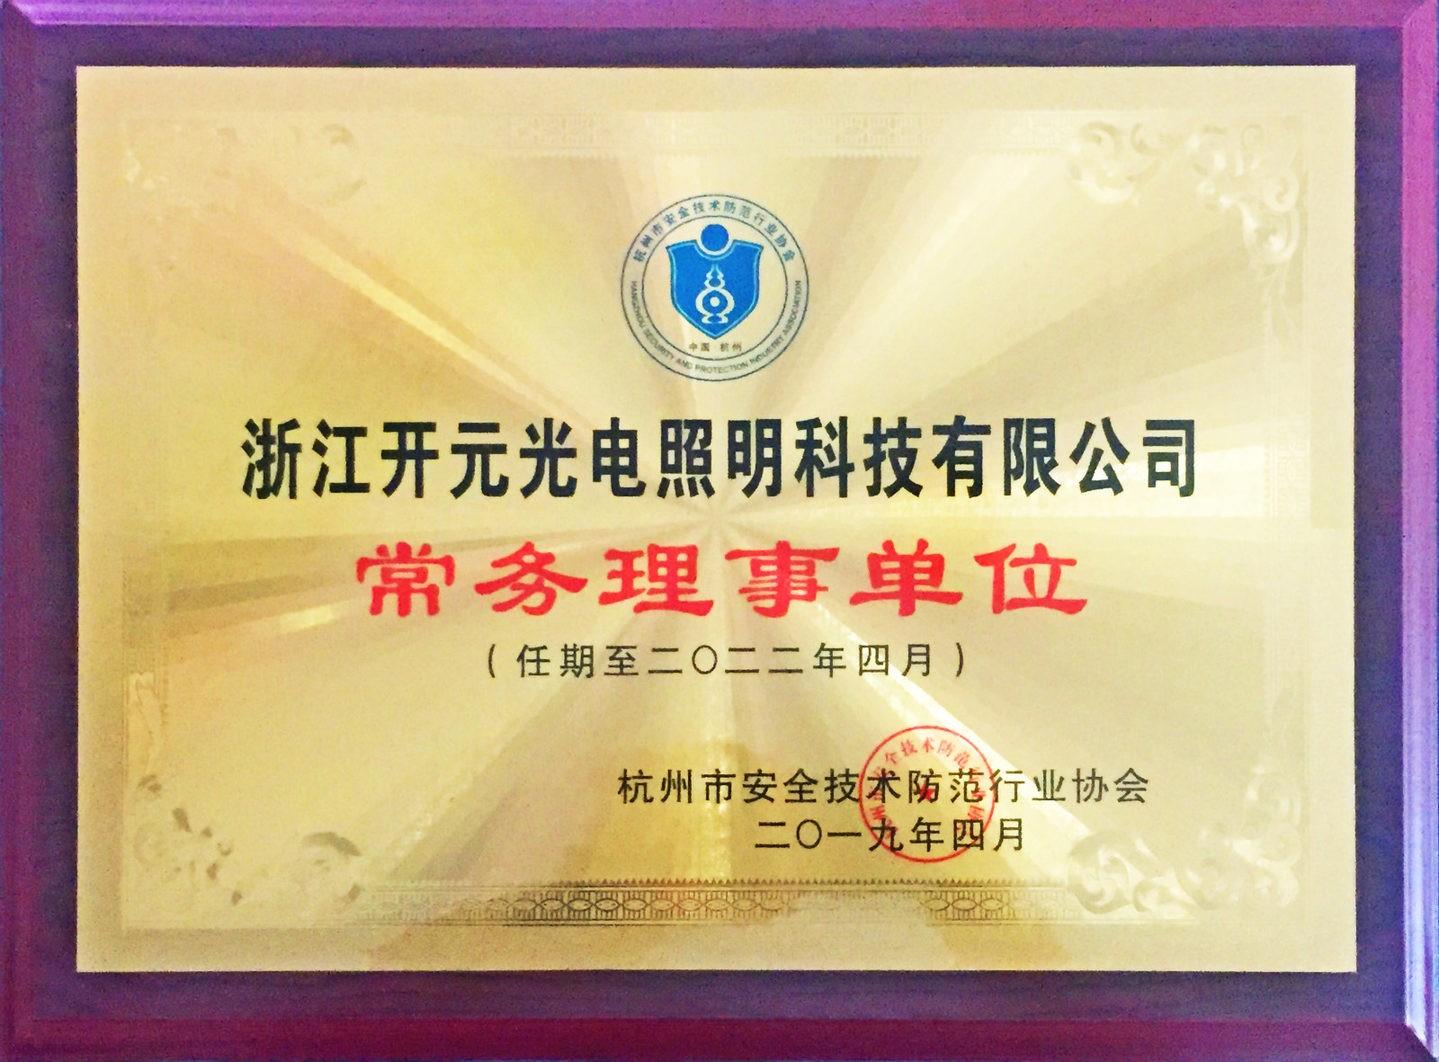 热烈庆祝我司荣获杭州市安全技术防范行业协会常务理事单位